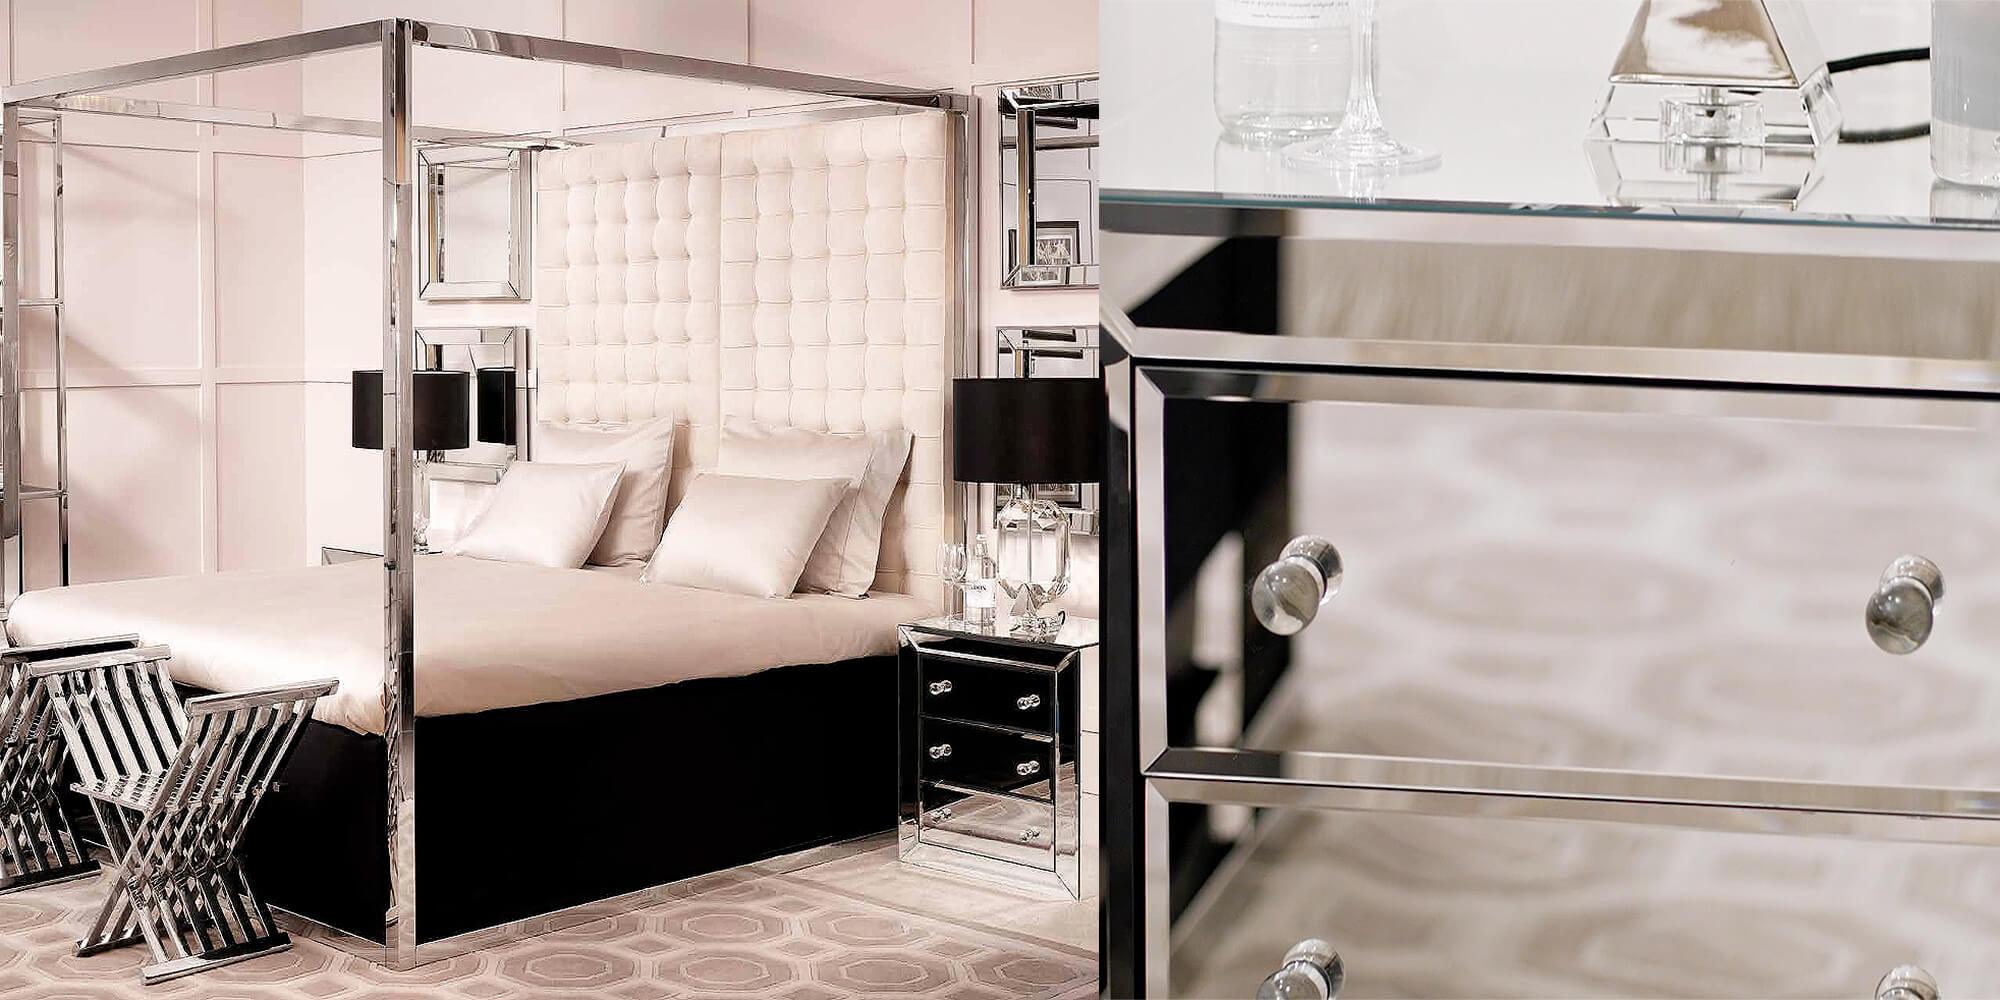 Glamour pur: Edles Schlafzimmer in Nude- und Silbertönen - #InstaShop